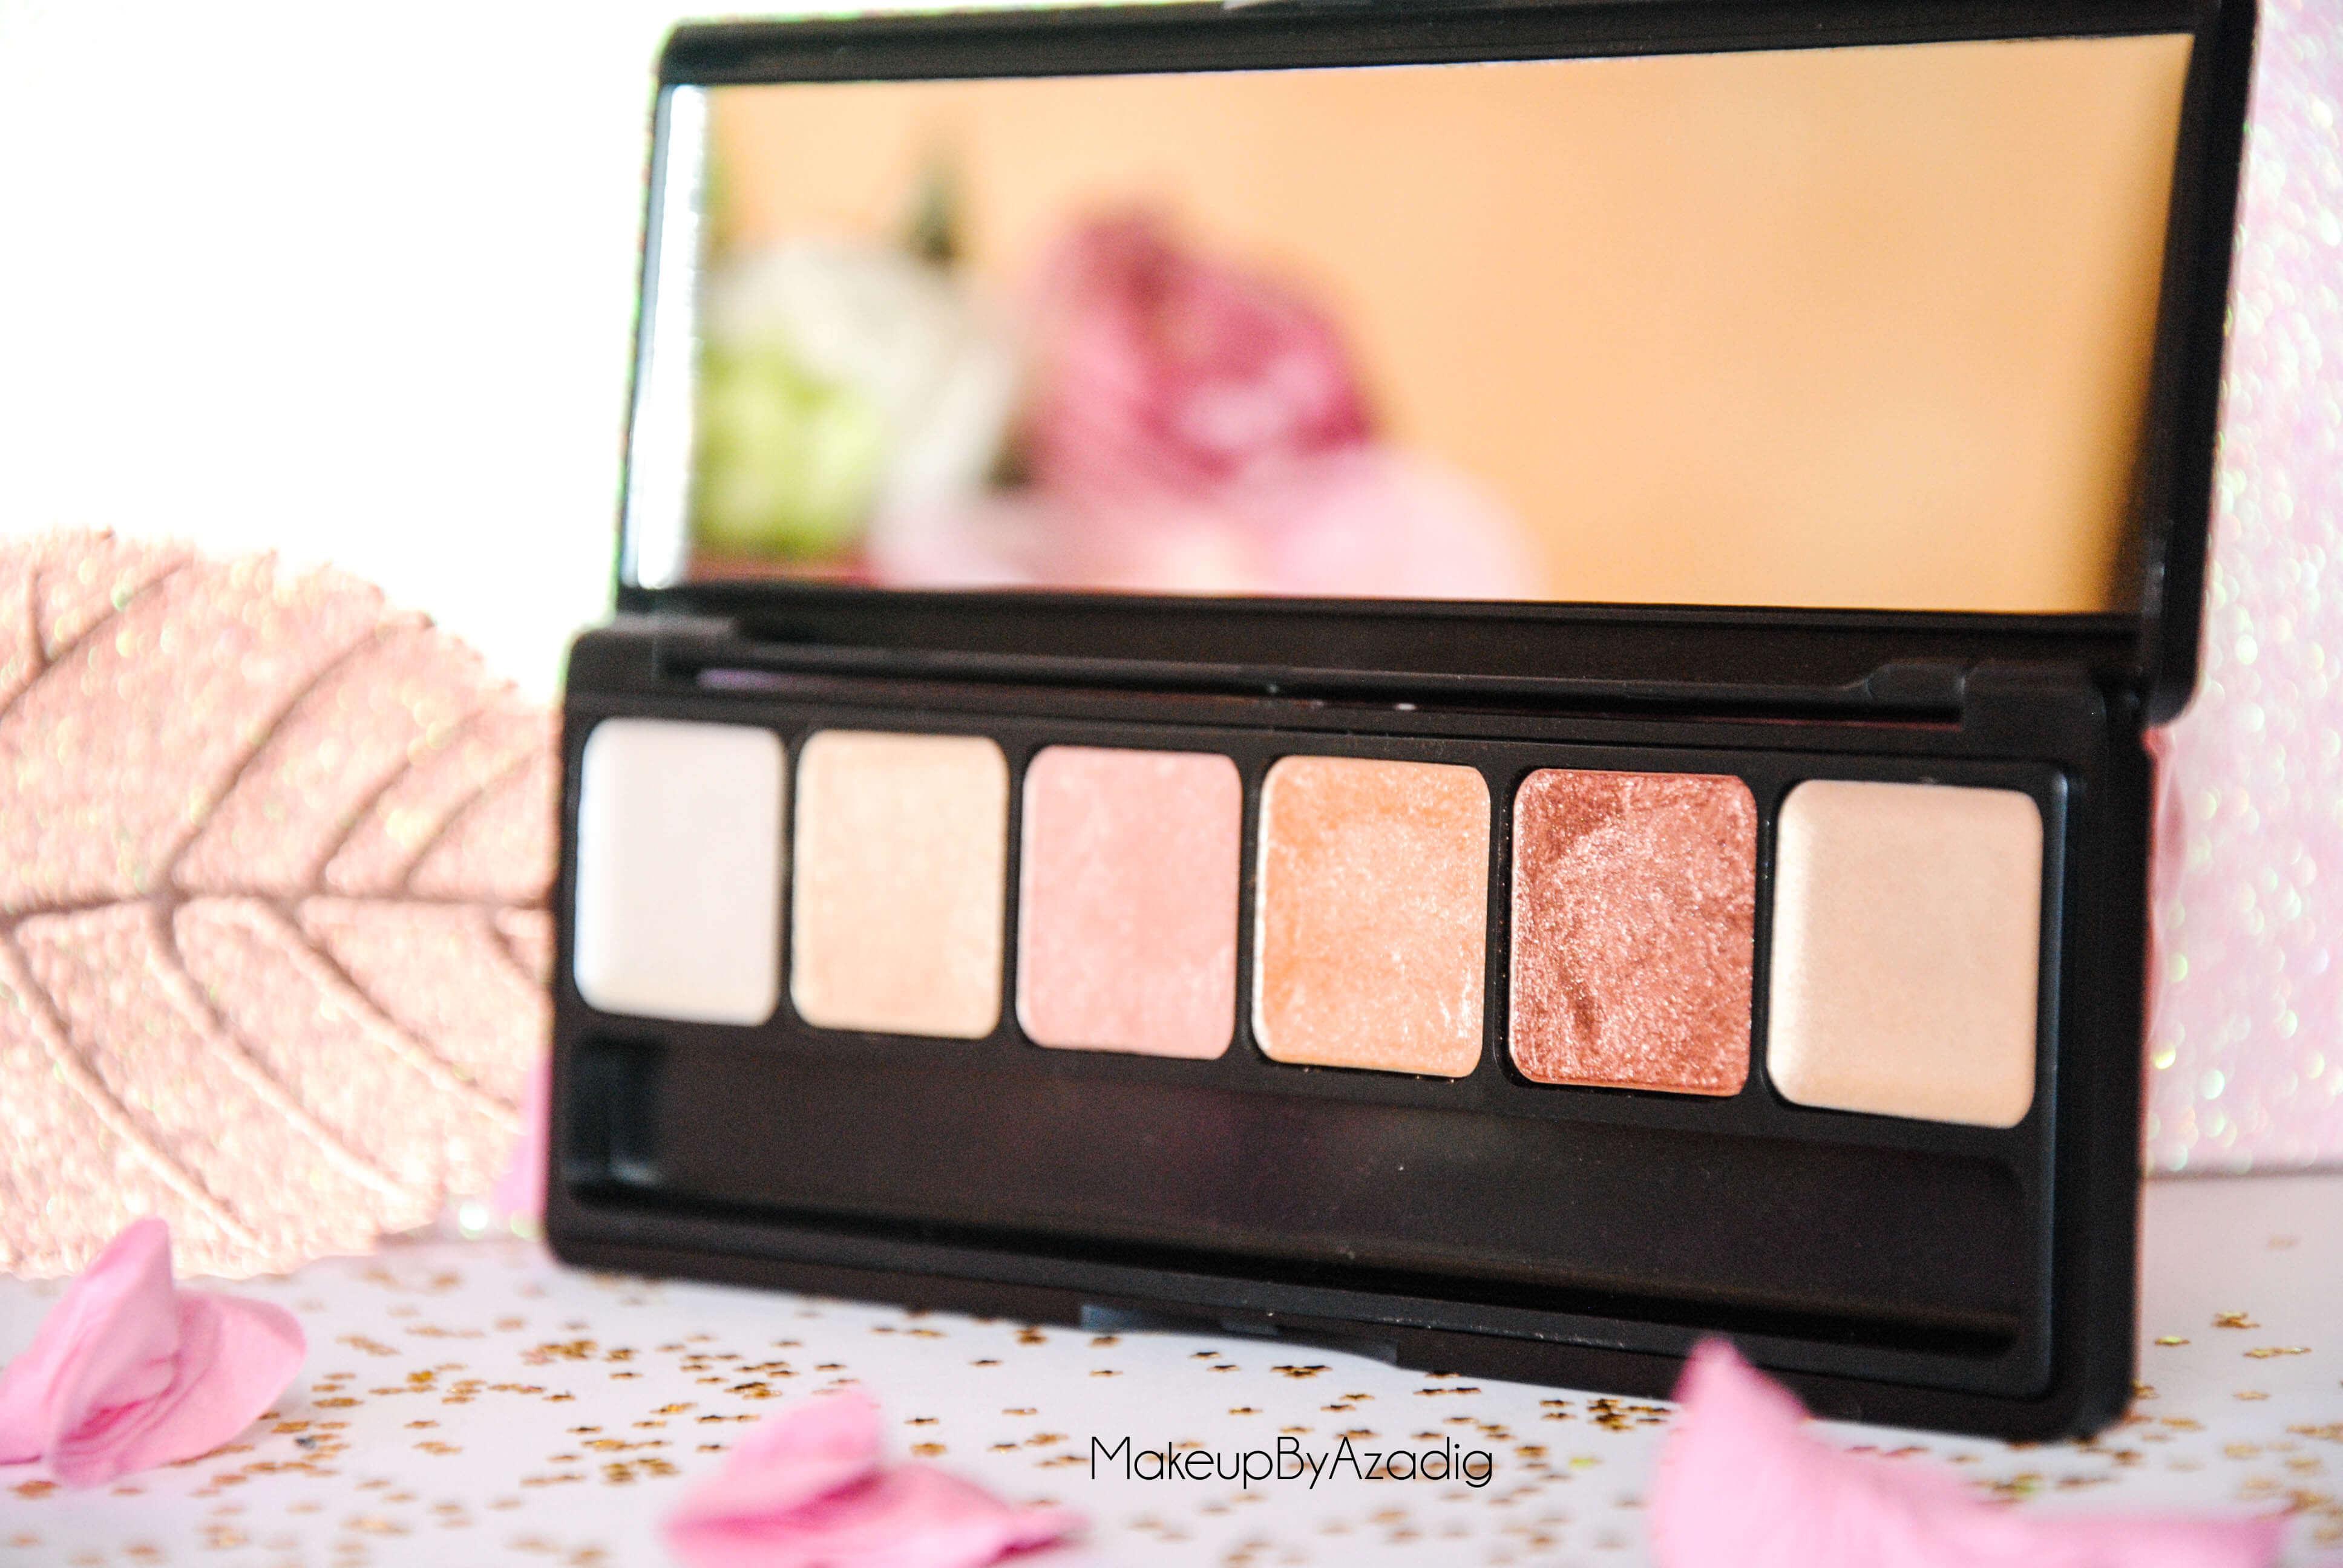 palette-eyeshadow-sleek-makeup-diamonds-in-the-rough-ilust-sephora-paris-makeupbyazadig-noel-code-promo-avis-prix-couleurs